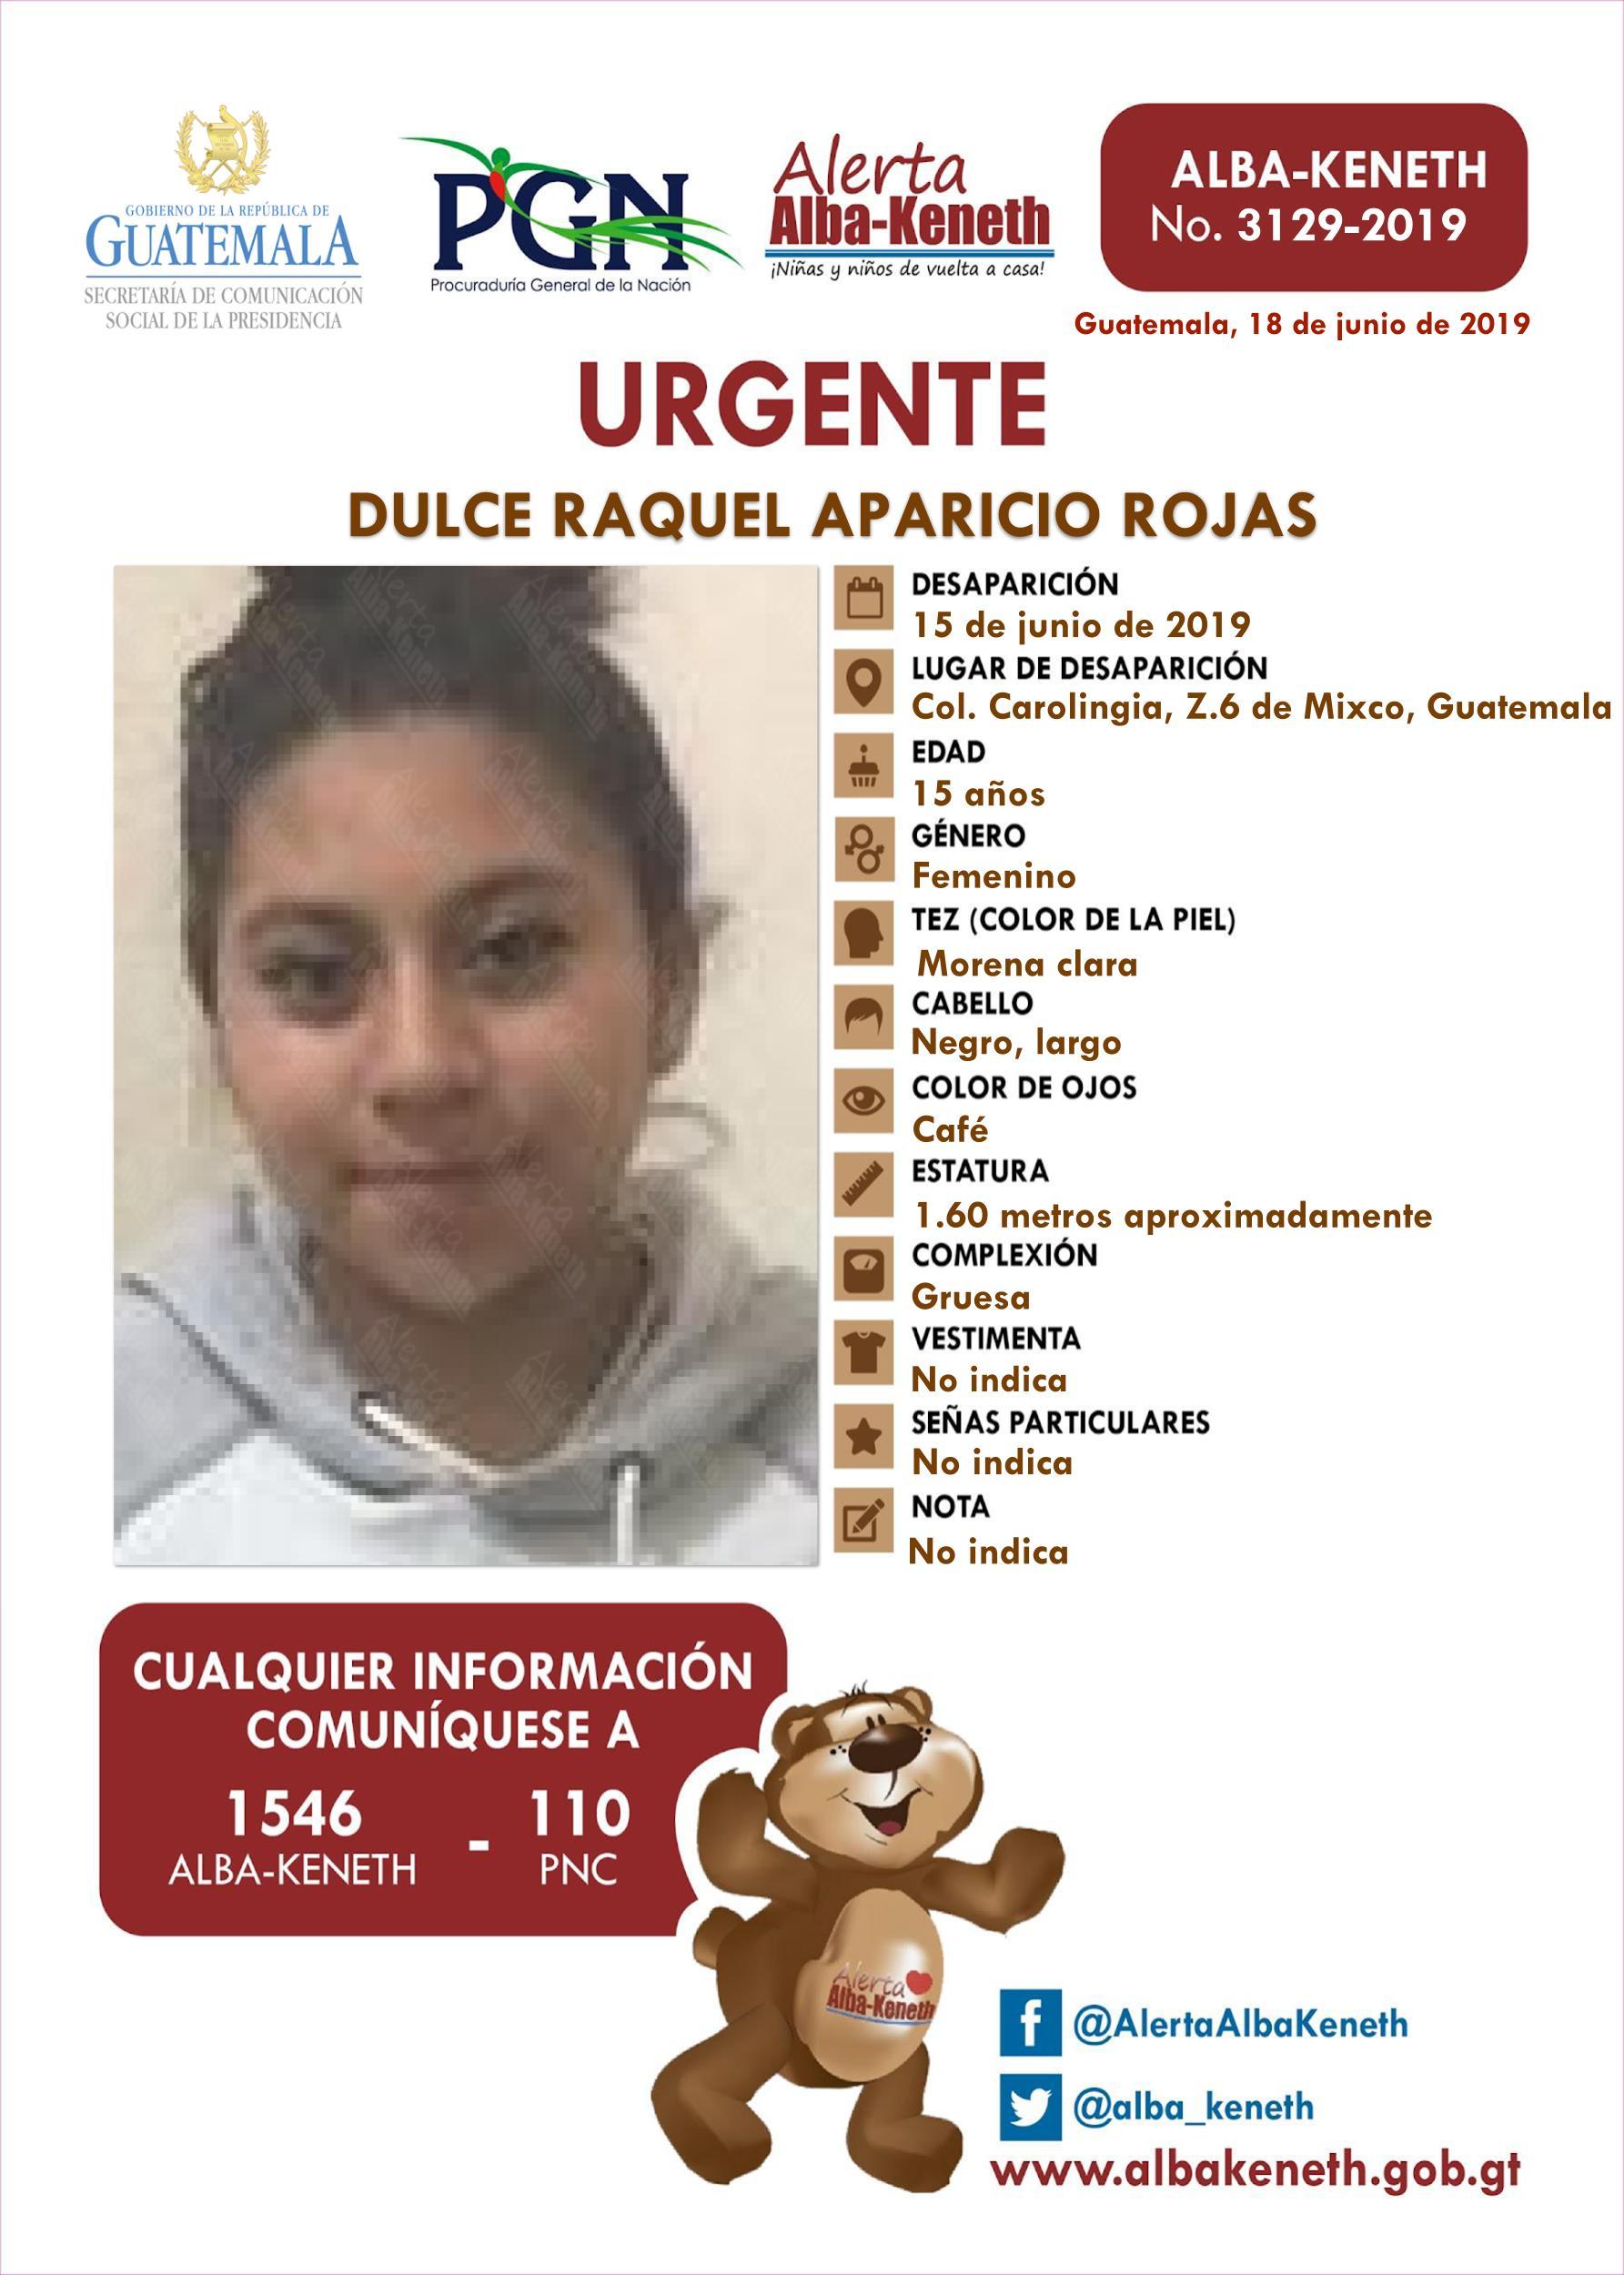 Dulce Raquel Aparicio Rojas